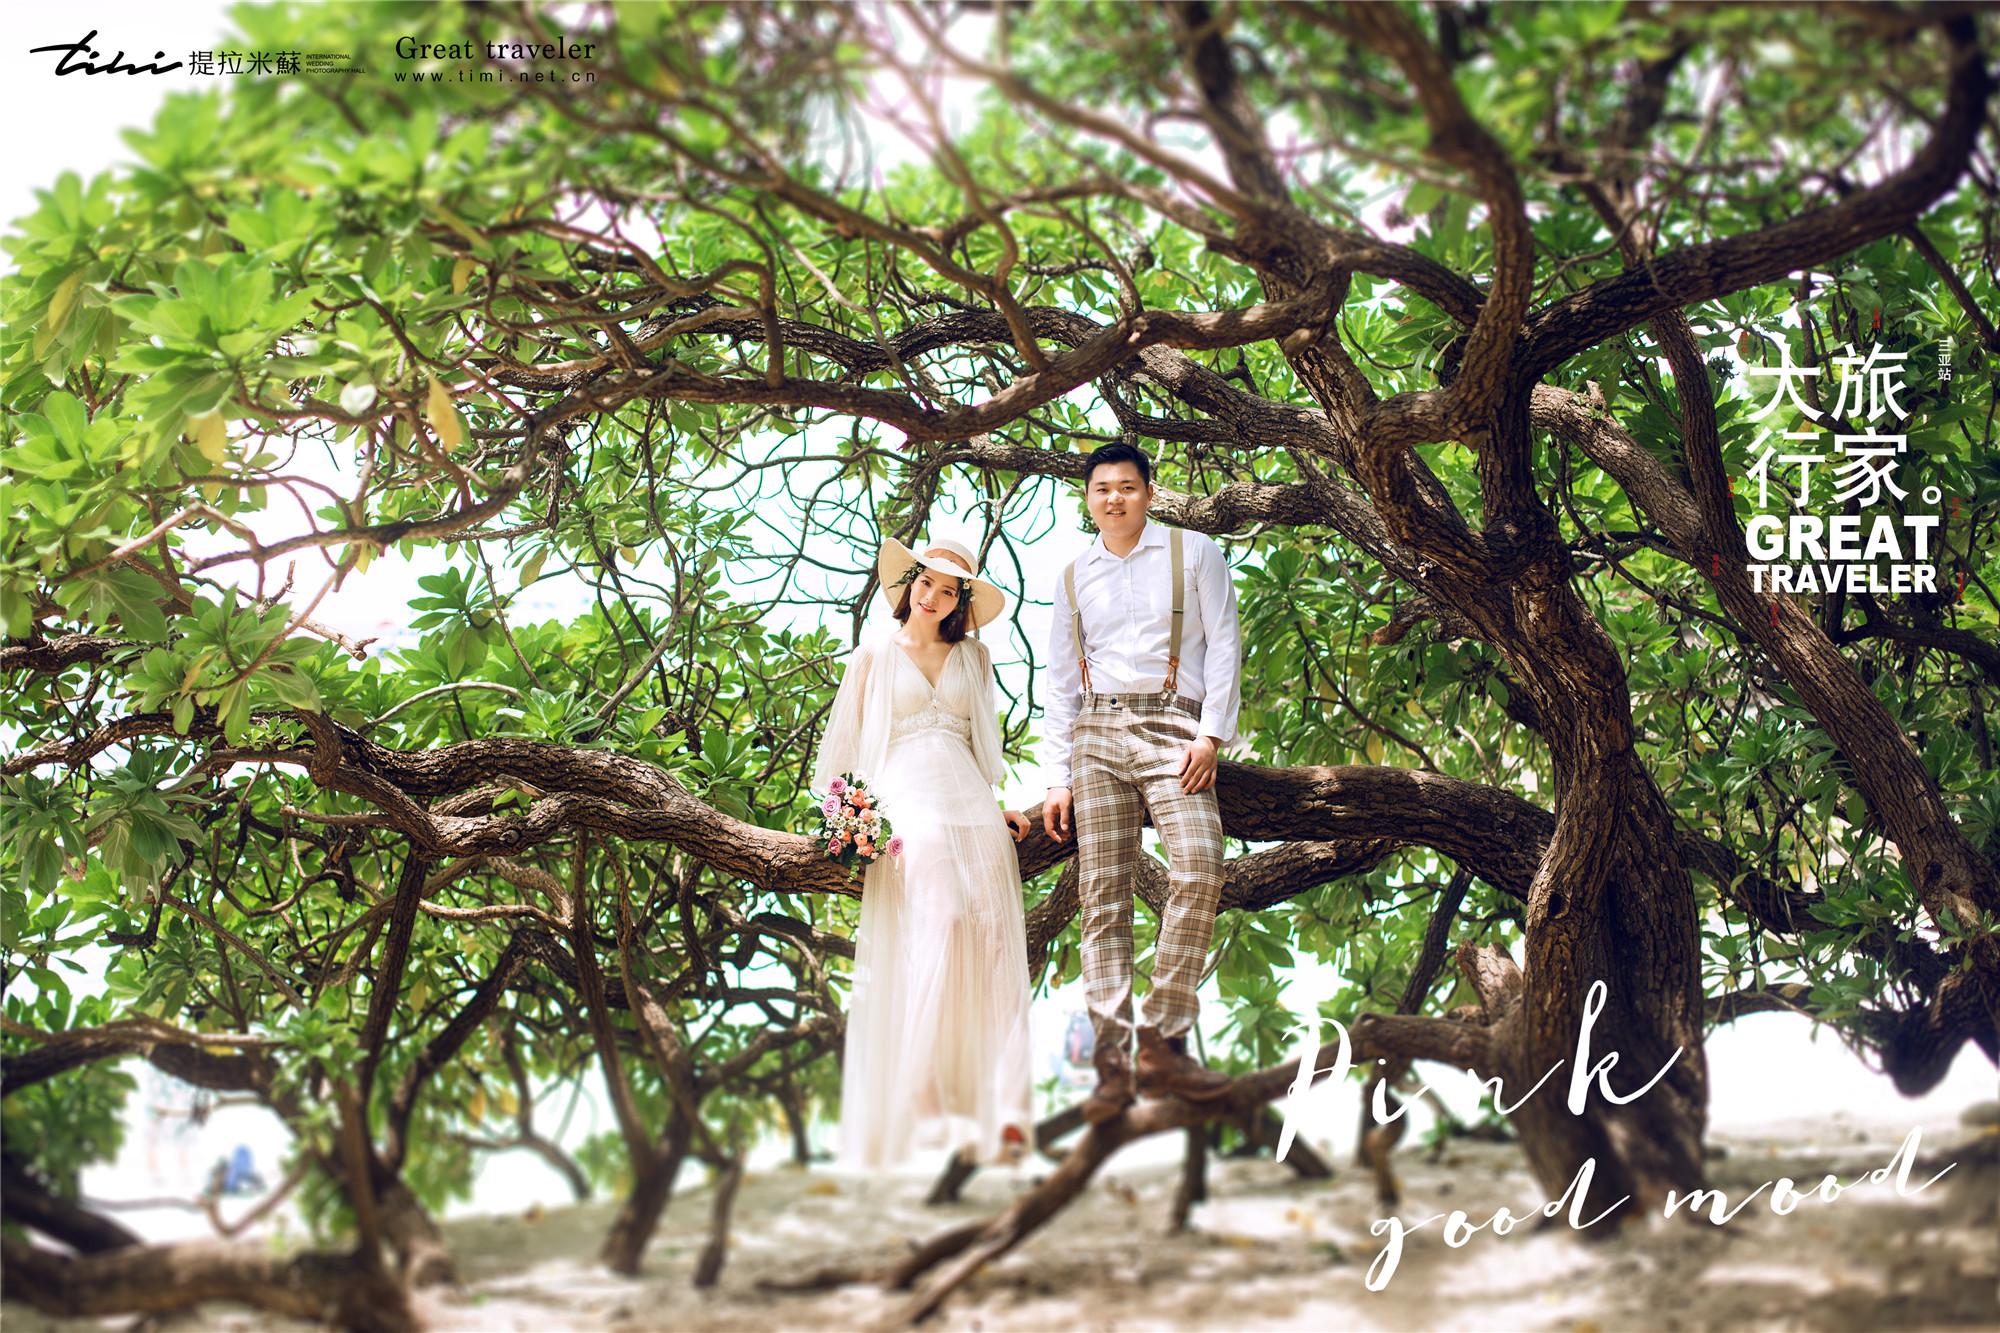 三亚哪些景点拍摄婚纱照好看